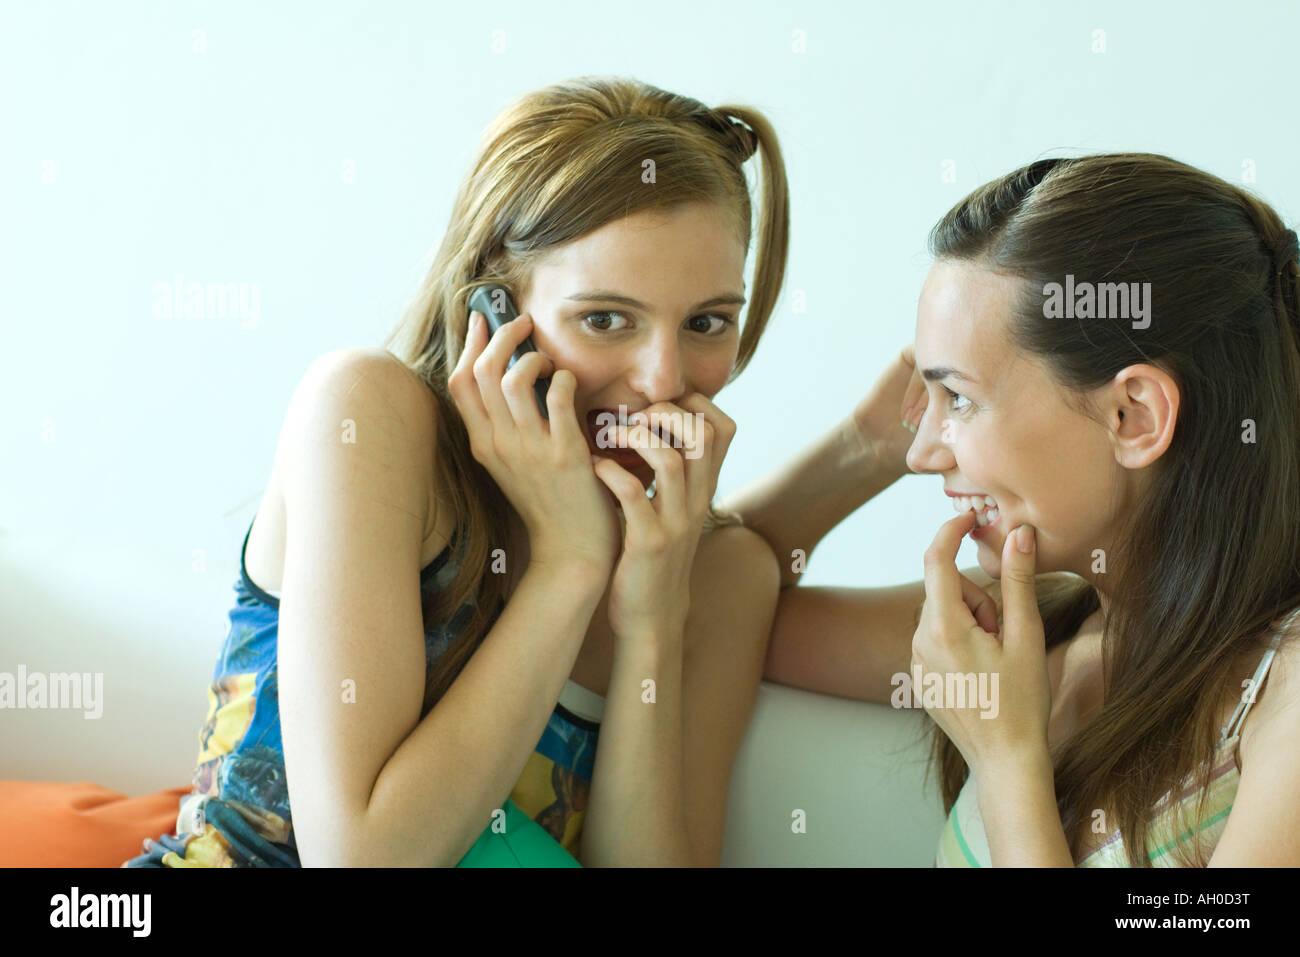 Dos jóvenes amigos sentados juntos, sonriendo, uno con teléfono celular, cubriendo la boca Imagen De Stock